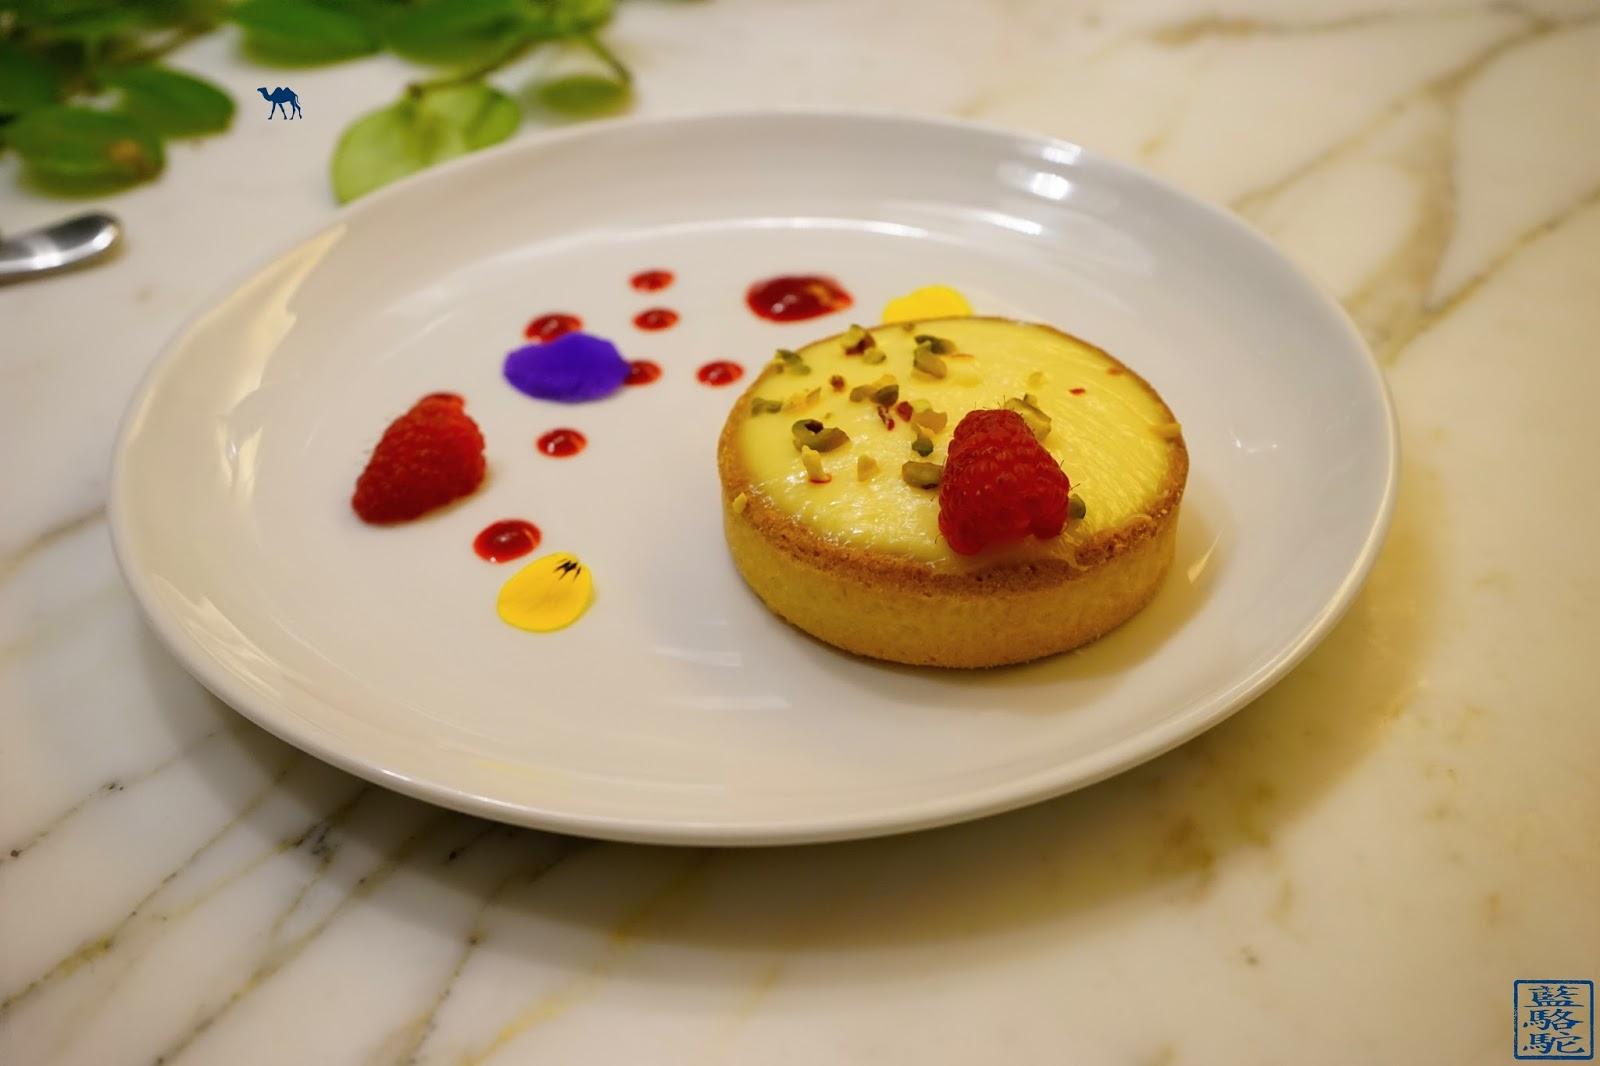 Le Chameau Bleu - Blog Gastronomie Restaurant Noglu Marais Paris - NoGlu Paris - Tartelette au citron